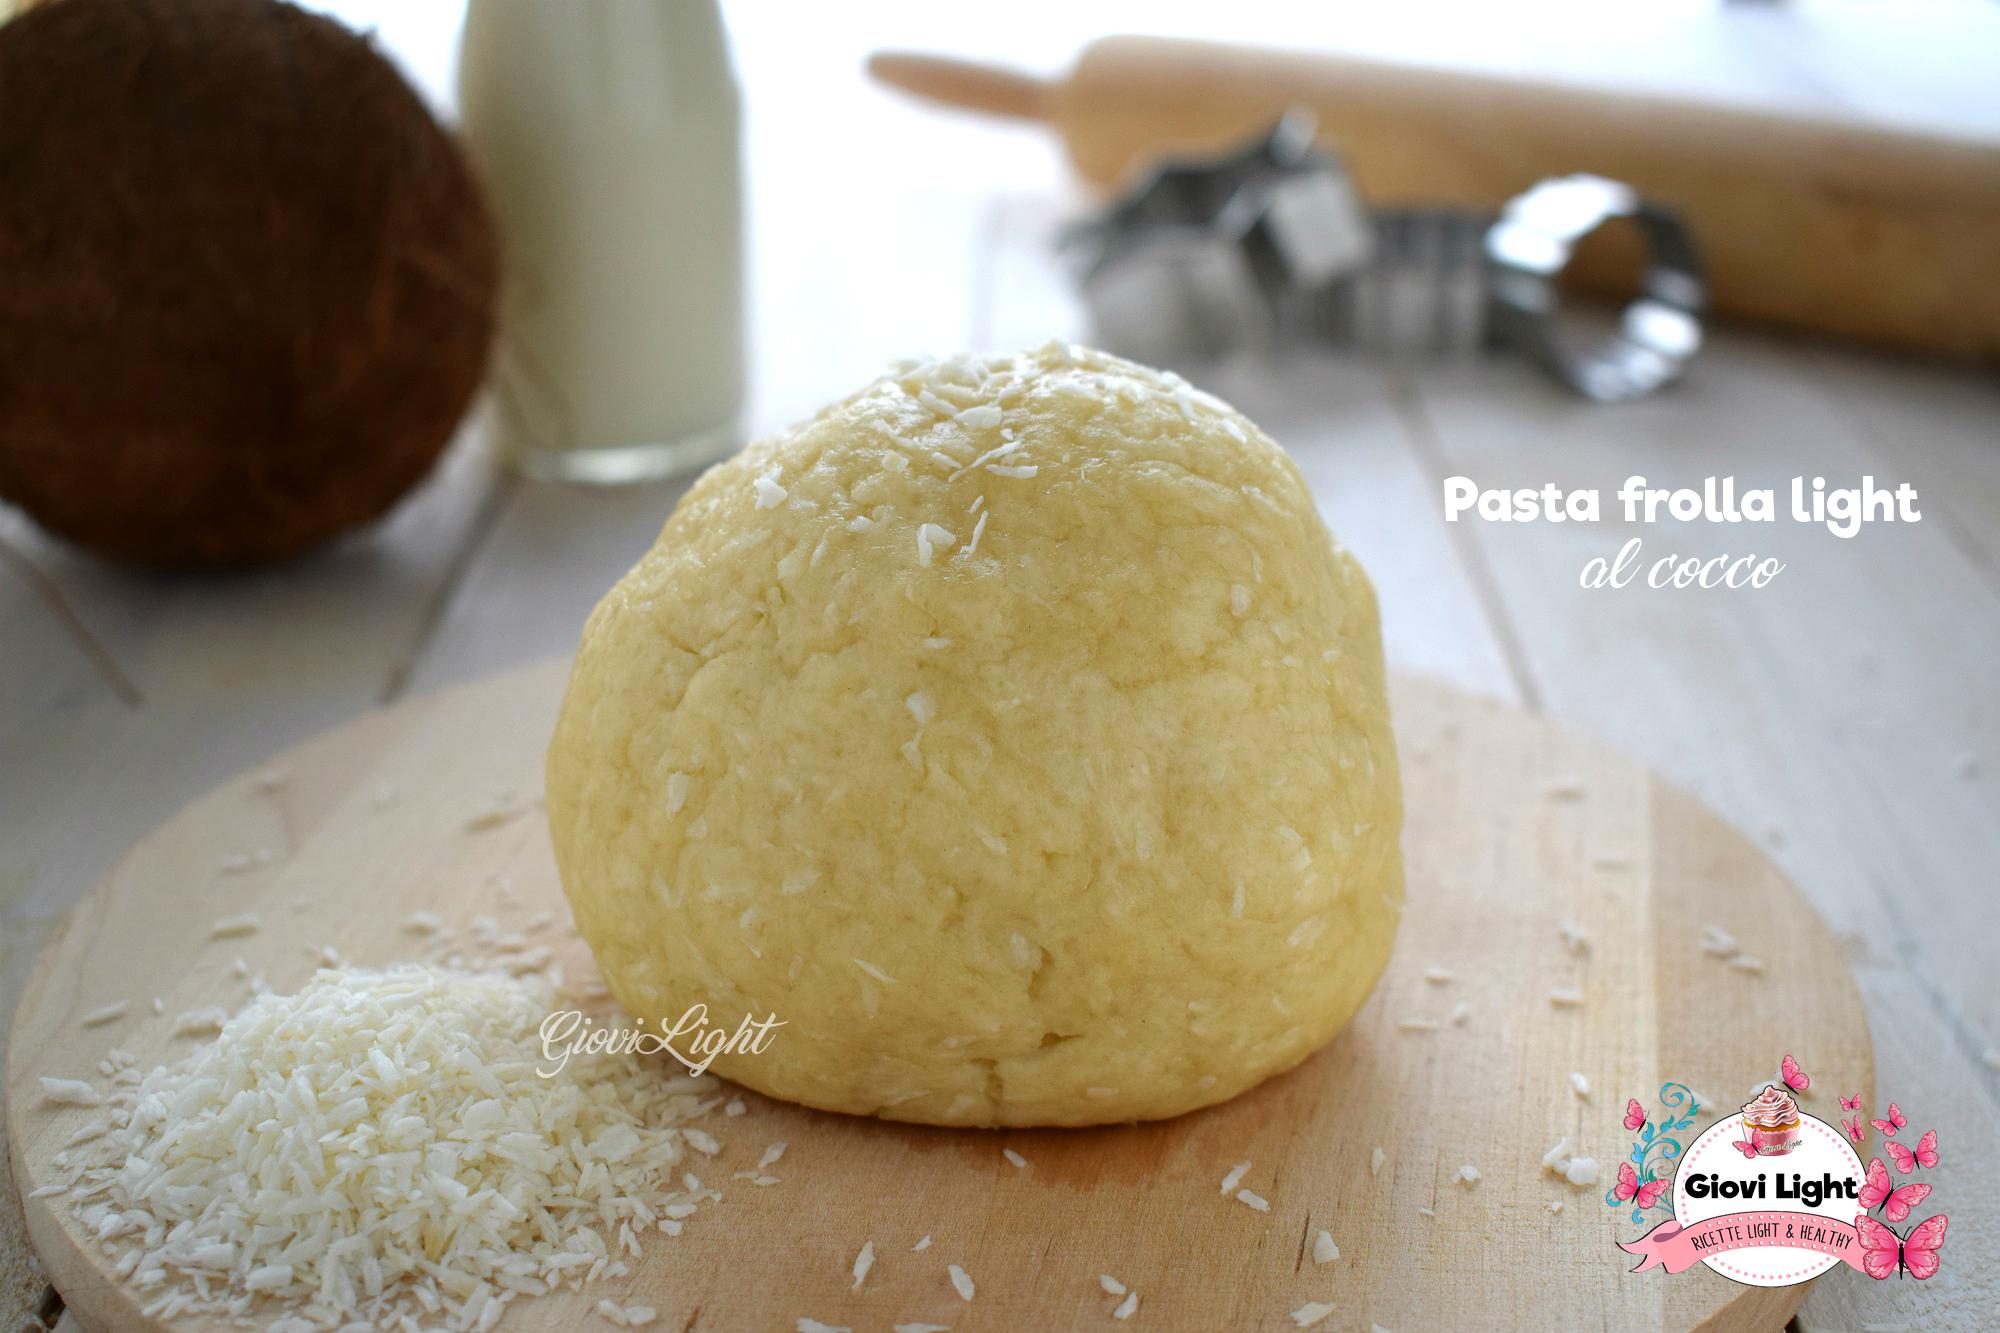 Pasta frolla light al cocco